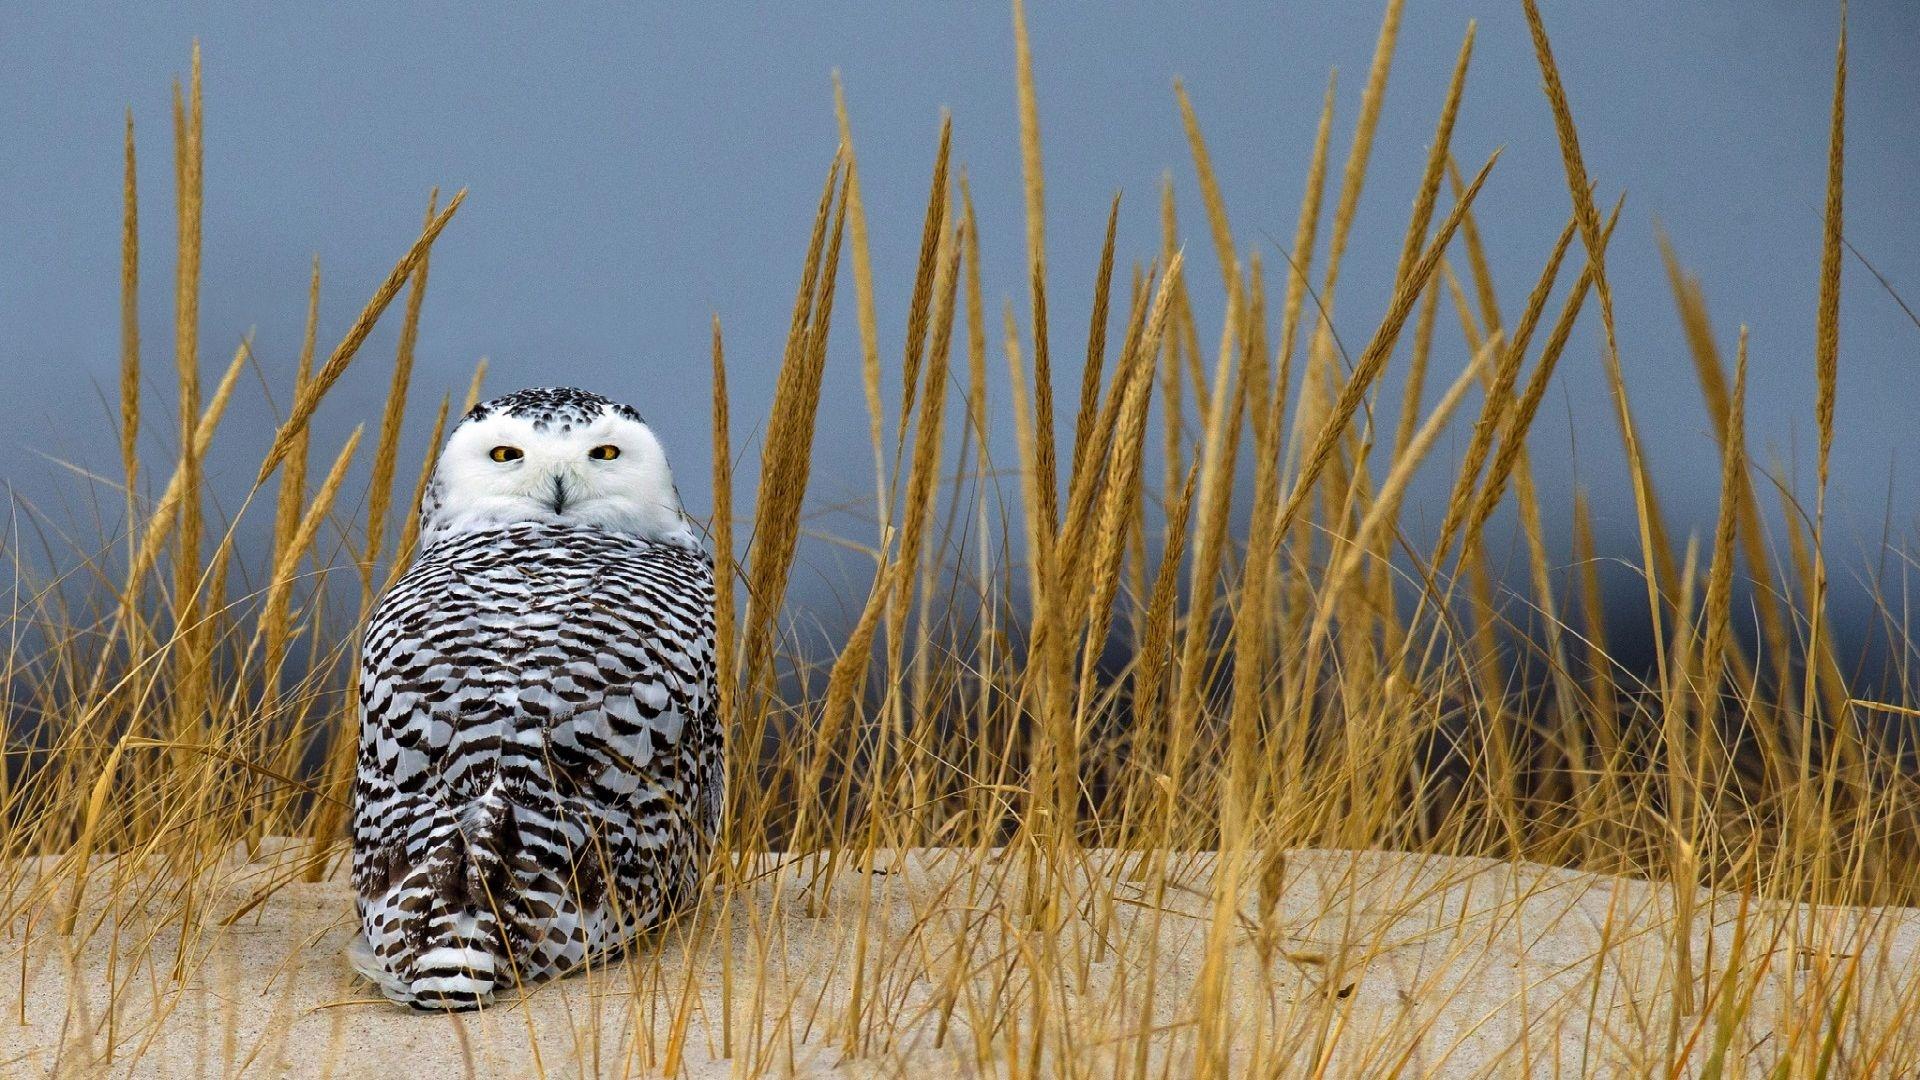 Polar Owl Image